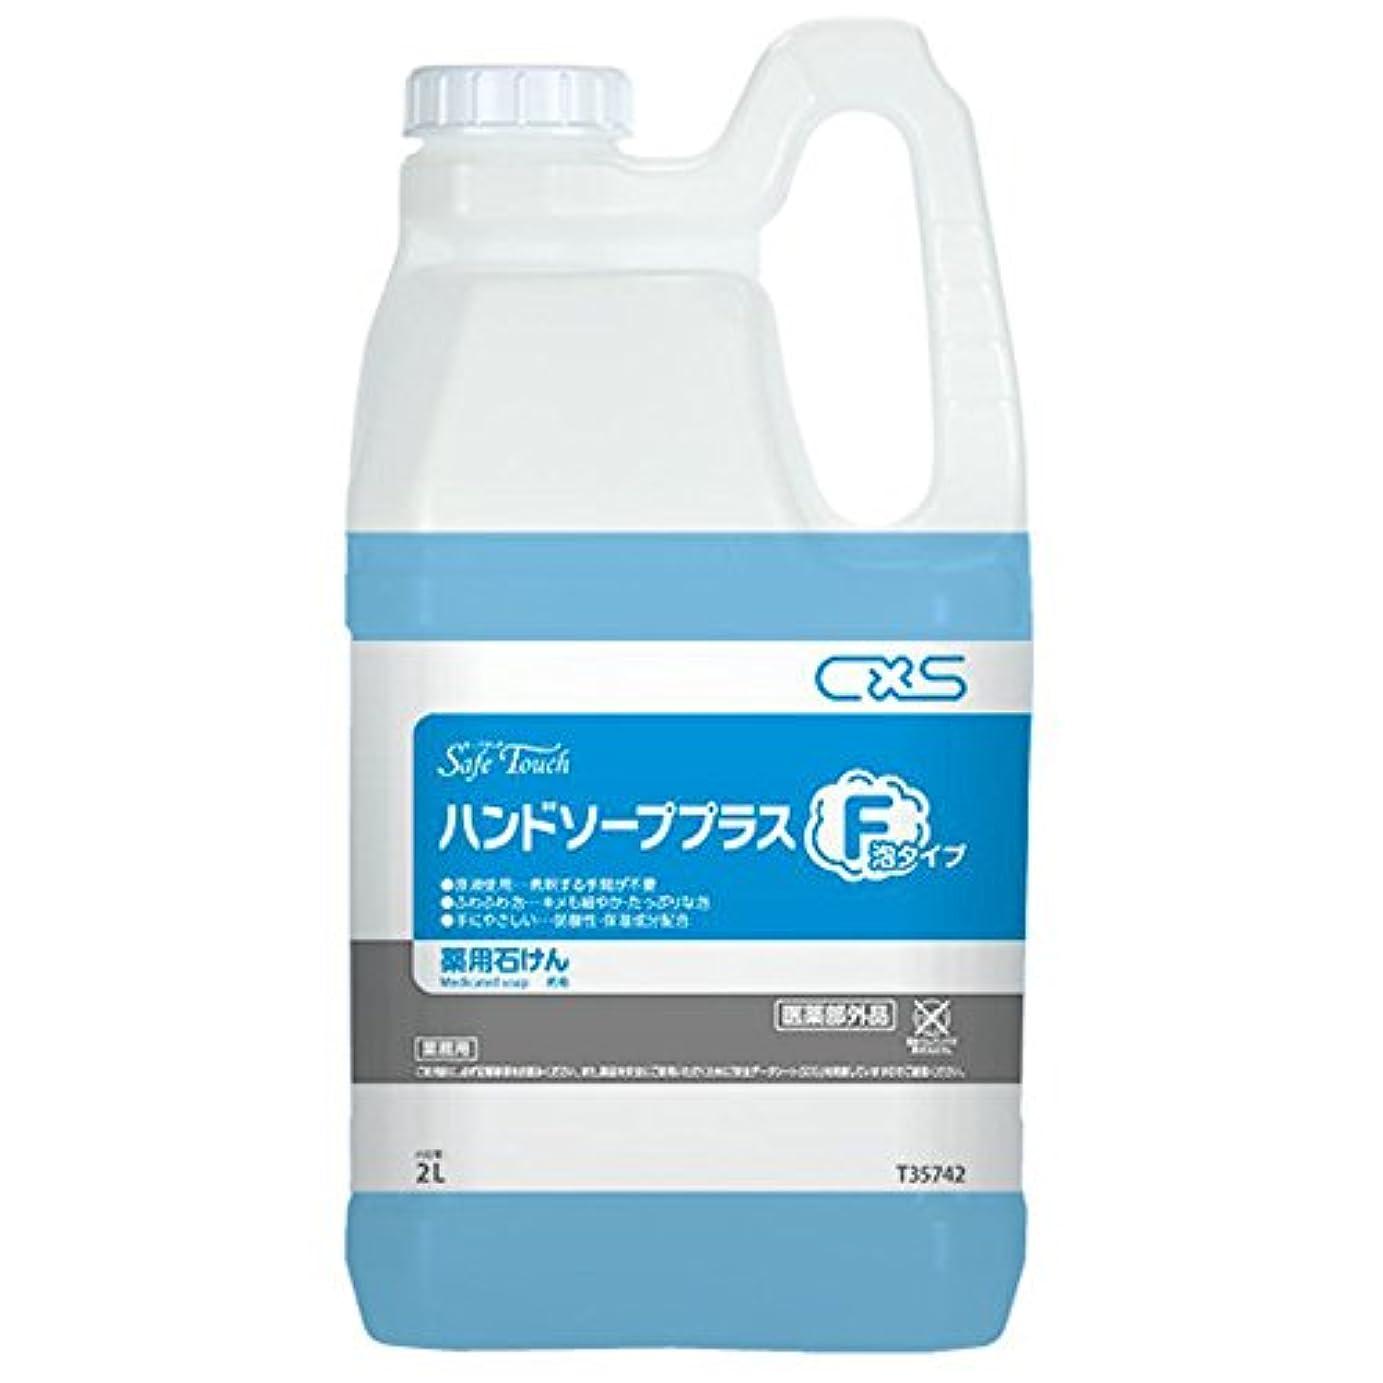 過激派置き場オーバーヘッドシーバイエス(C×S) 殺菌?消毒用手洗い石けん セーフタッチハンドソーププラスF 2L